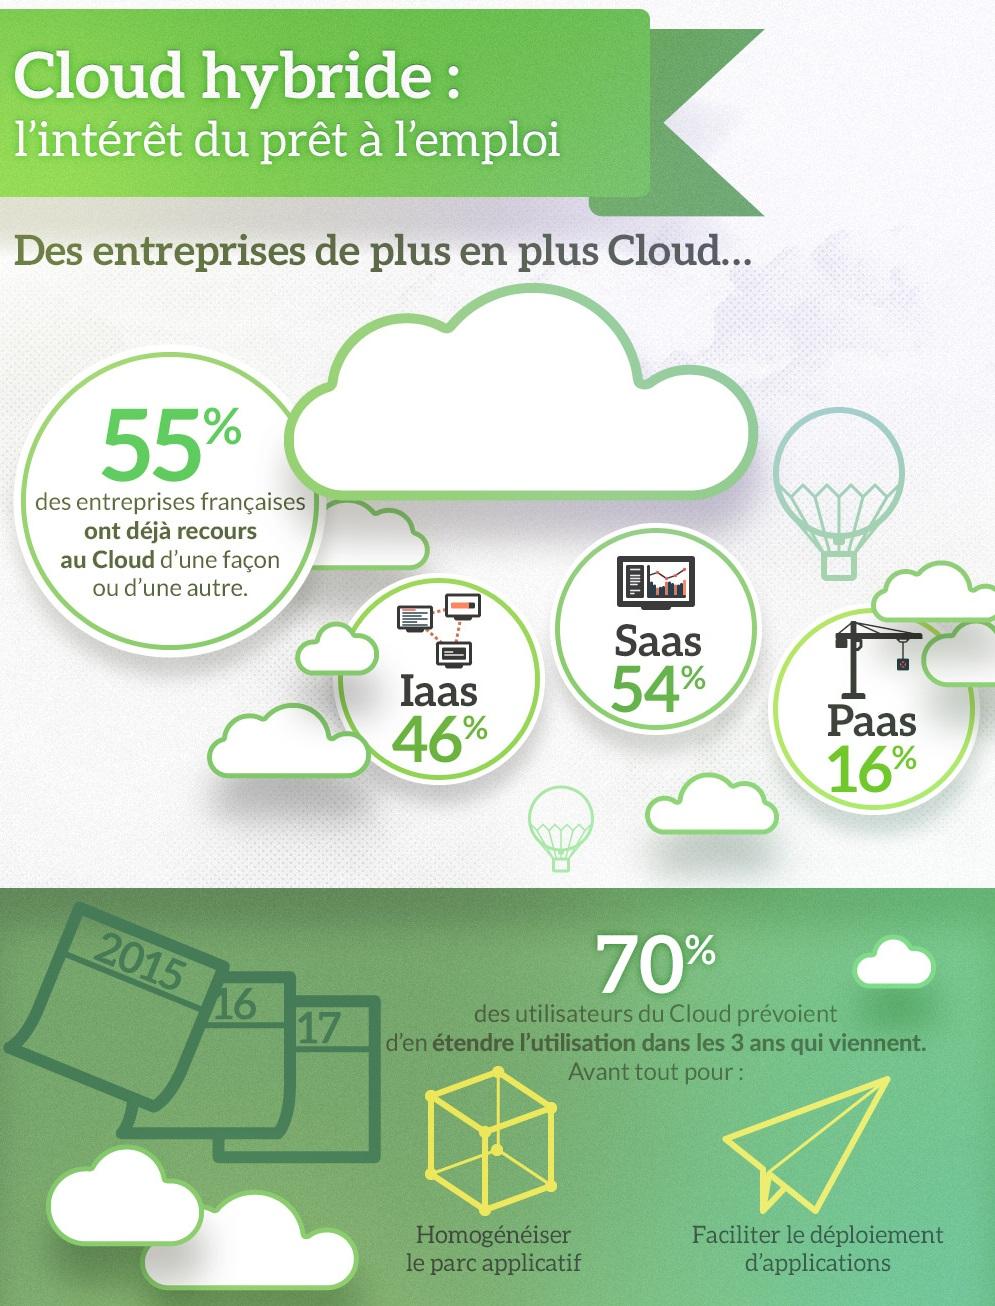 Infographie : Cloud hybride : l'intérêt du prêt à l'emploi